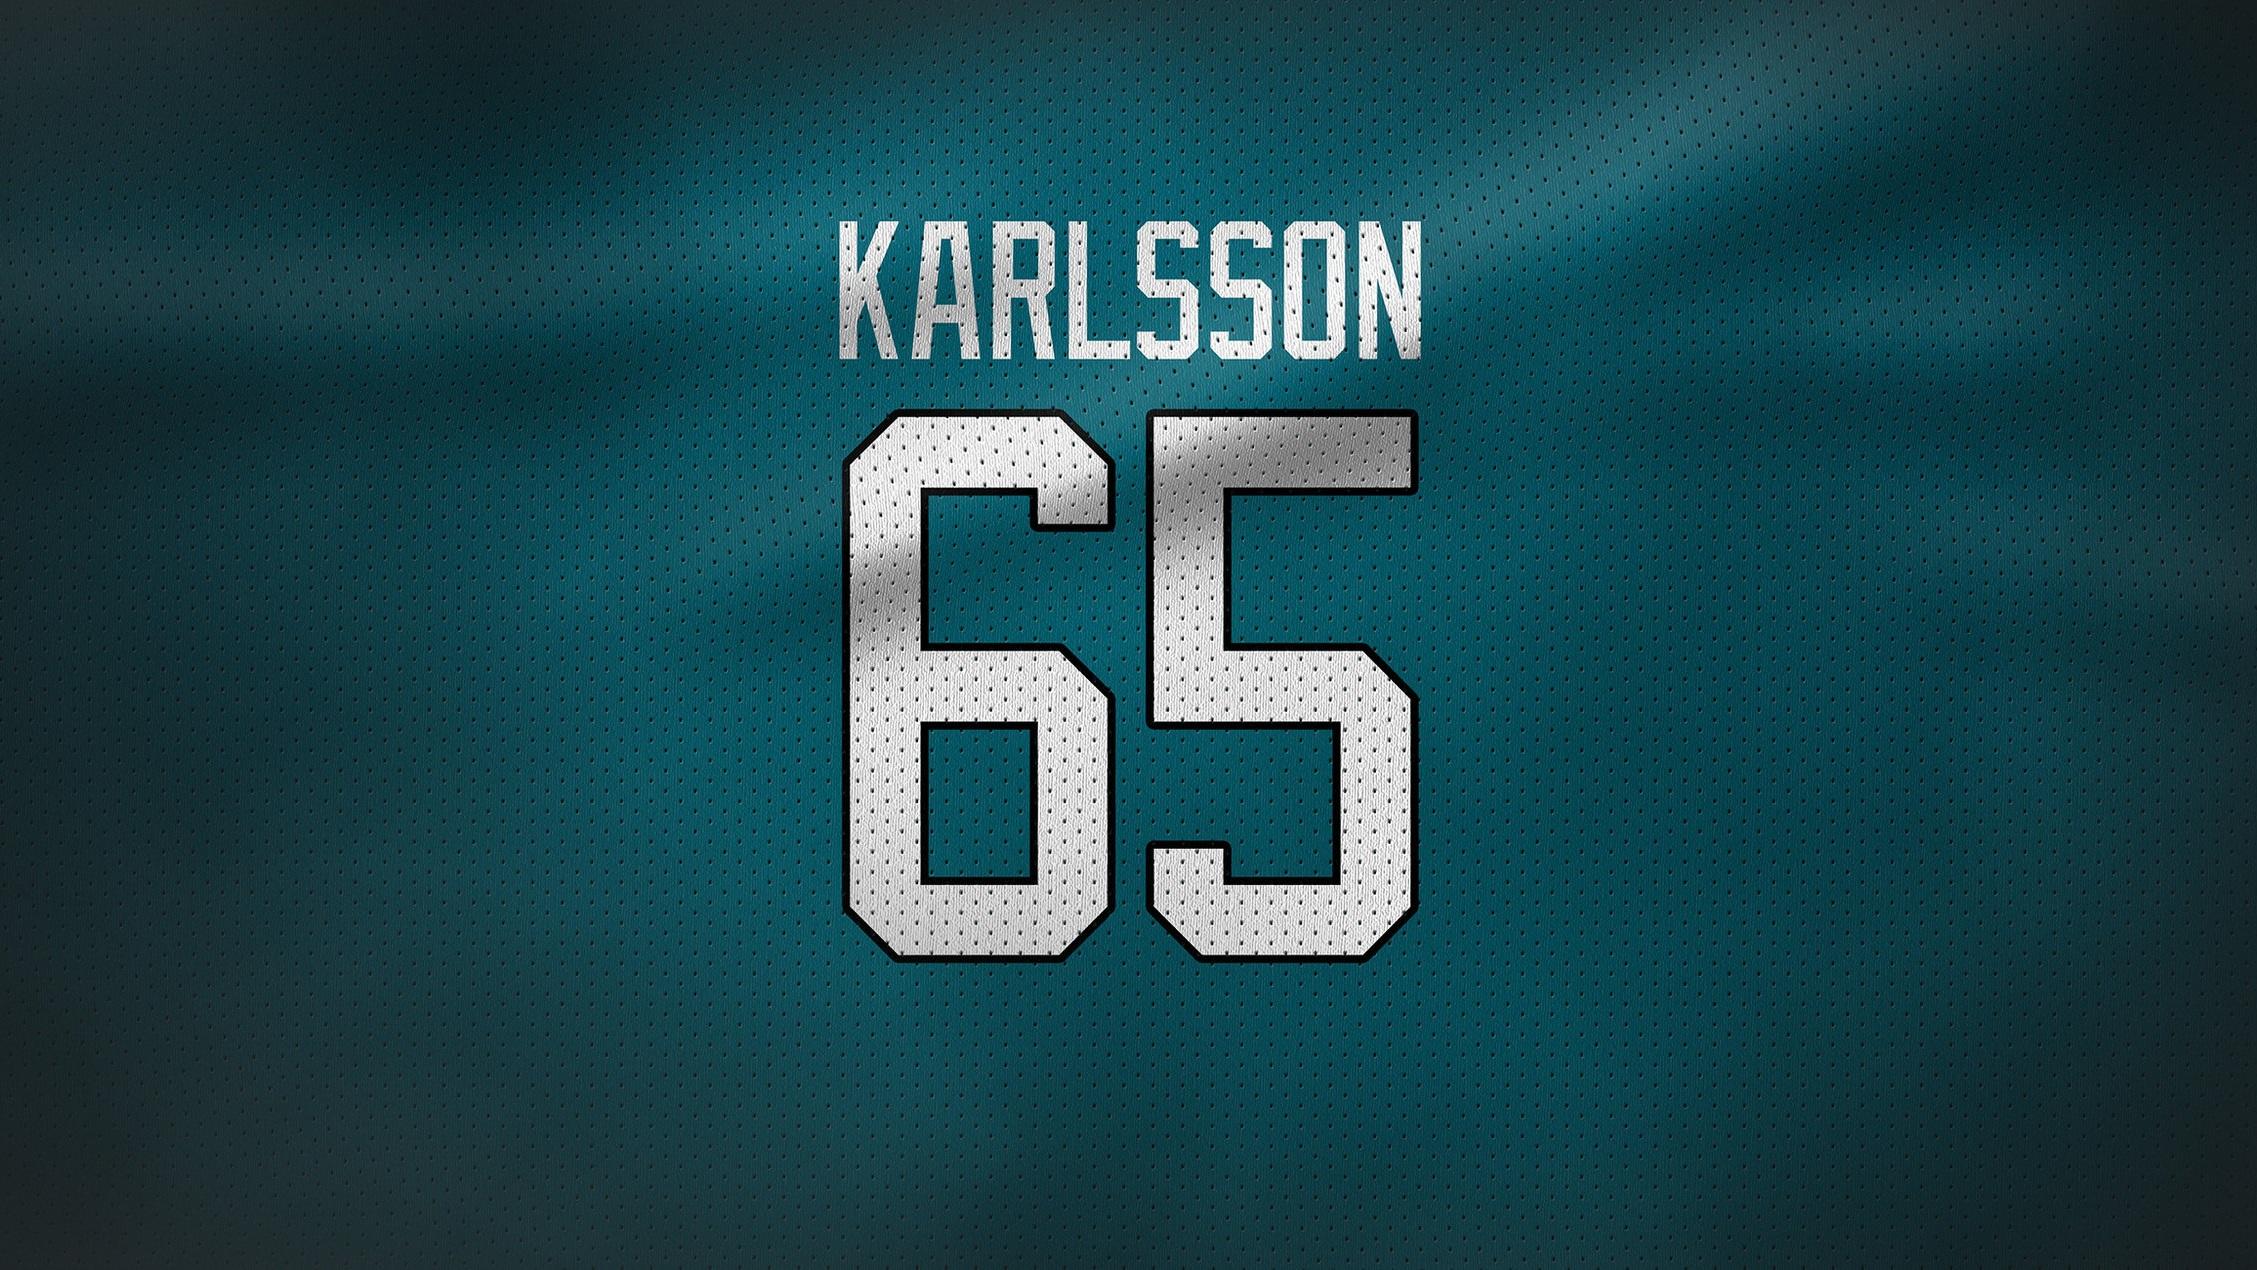 Stjärnor / Svenskar - Totalt fem svenskar är hemmahörande i San Jose Sharks trupp. Den största, Erik Karlsson, förlängde nyligen sitt kontrakt. Övriga svenskar är Tim Heed, Marcus Sörensen och Melker Karlsson. Övriga stjärnor är bland andra den offensive backen Brent Burns.